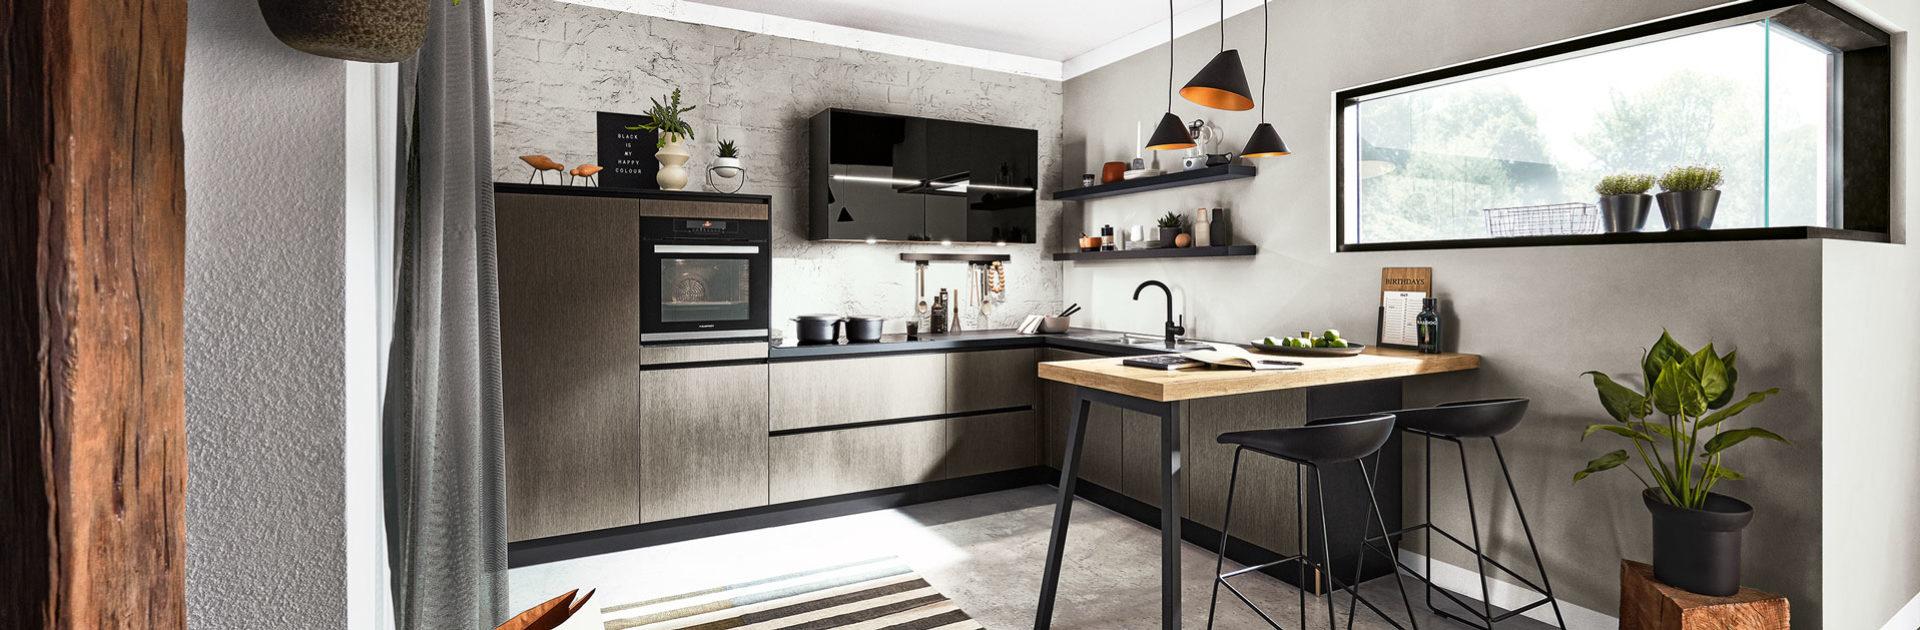 Bekijk hier de trendy keukenwanden van Satink Keukens